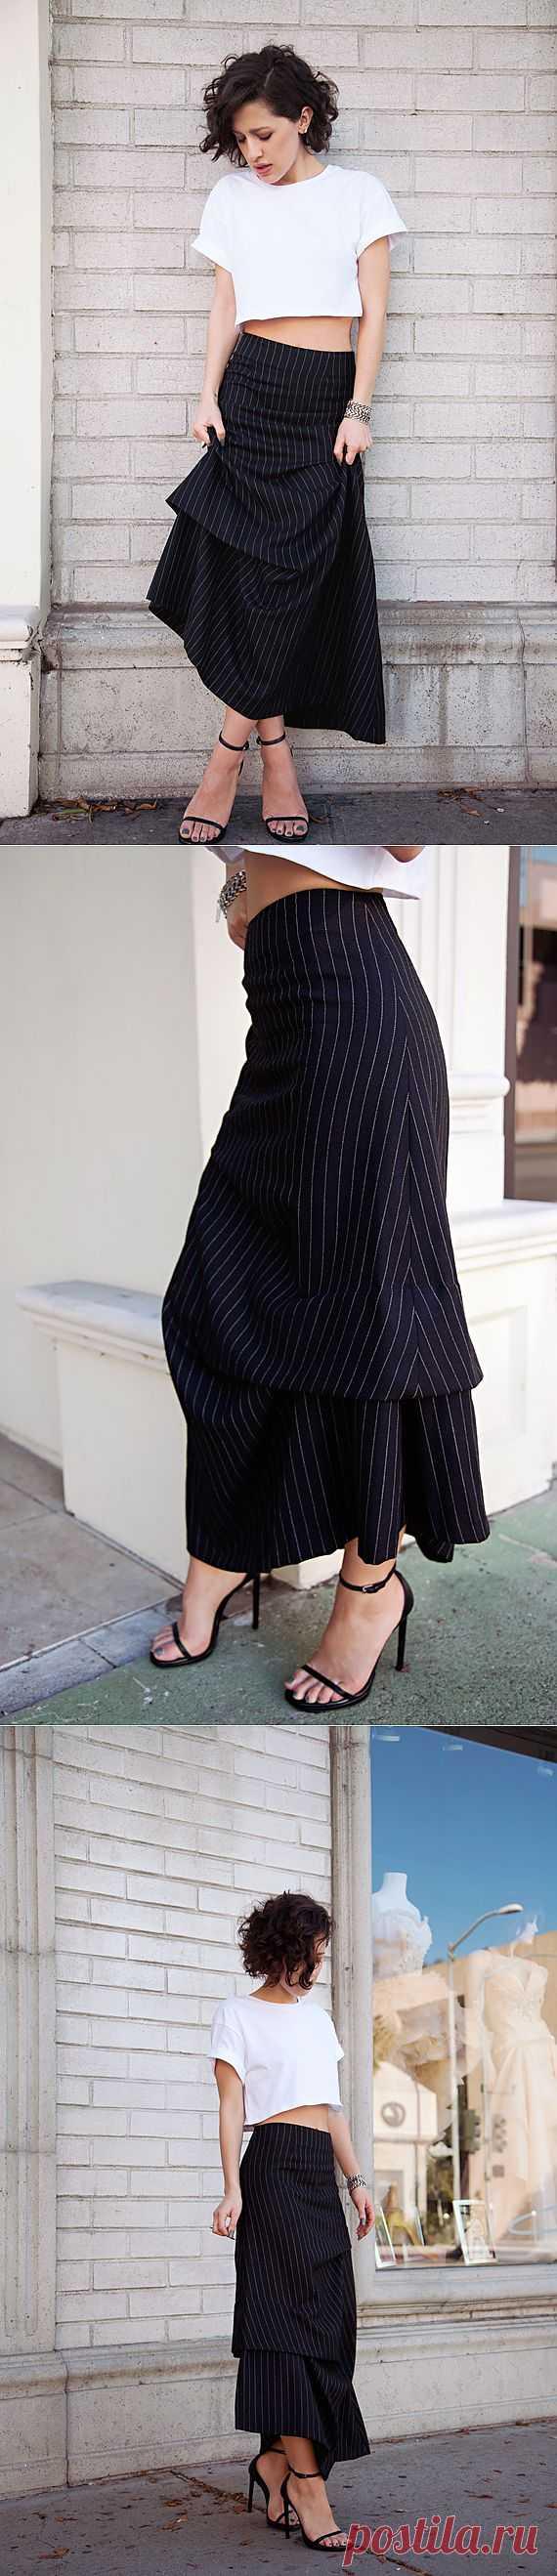 Ассиметричная юбка / Юбки и их переделки / Модный сайт о стильной переделке одежды и интерьера